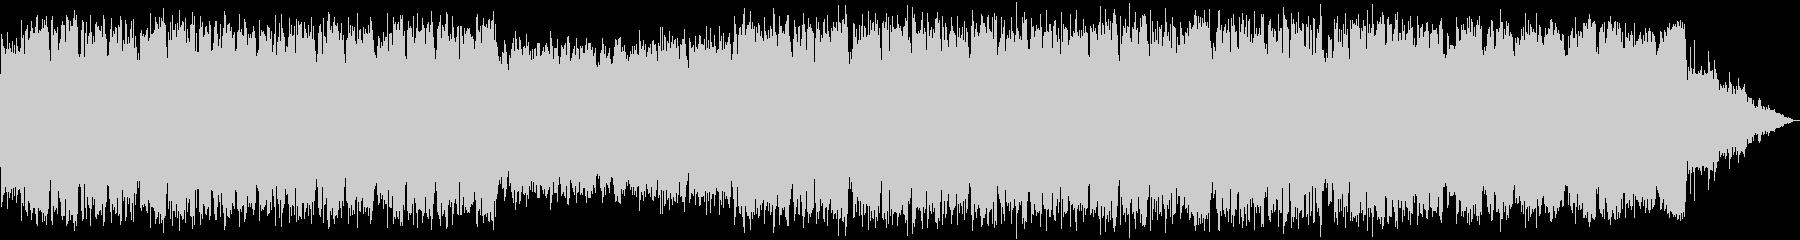 ゆったりとした笛のヒーリング音楽の未再生の波形